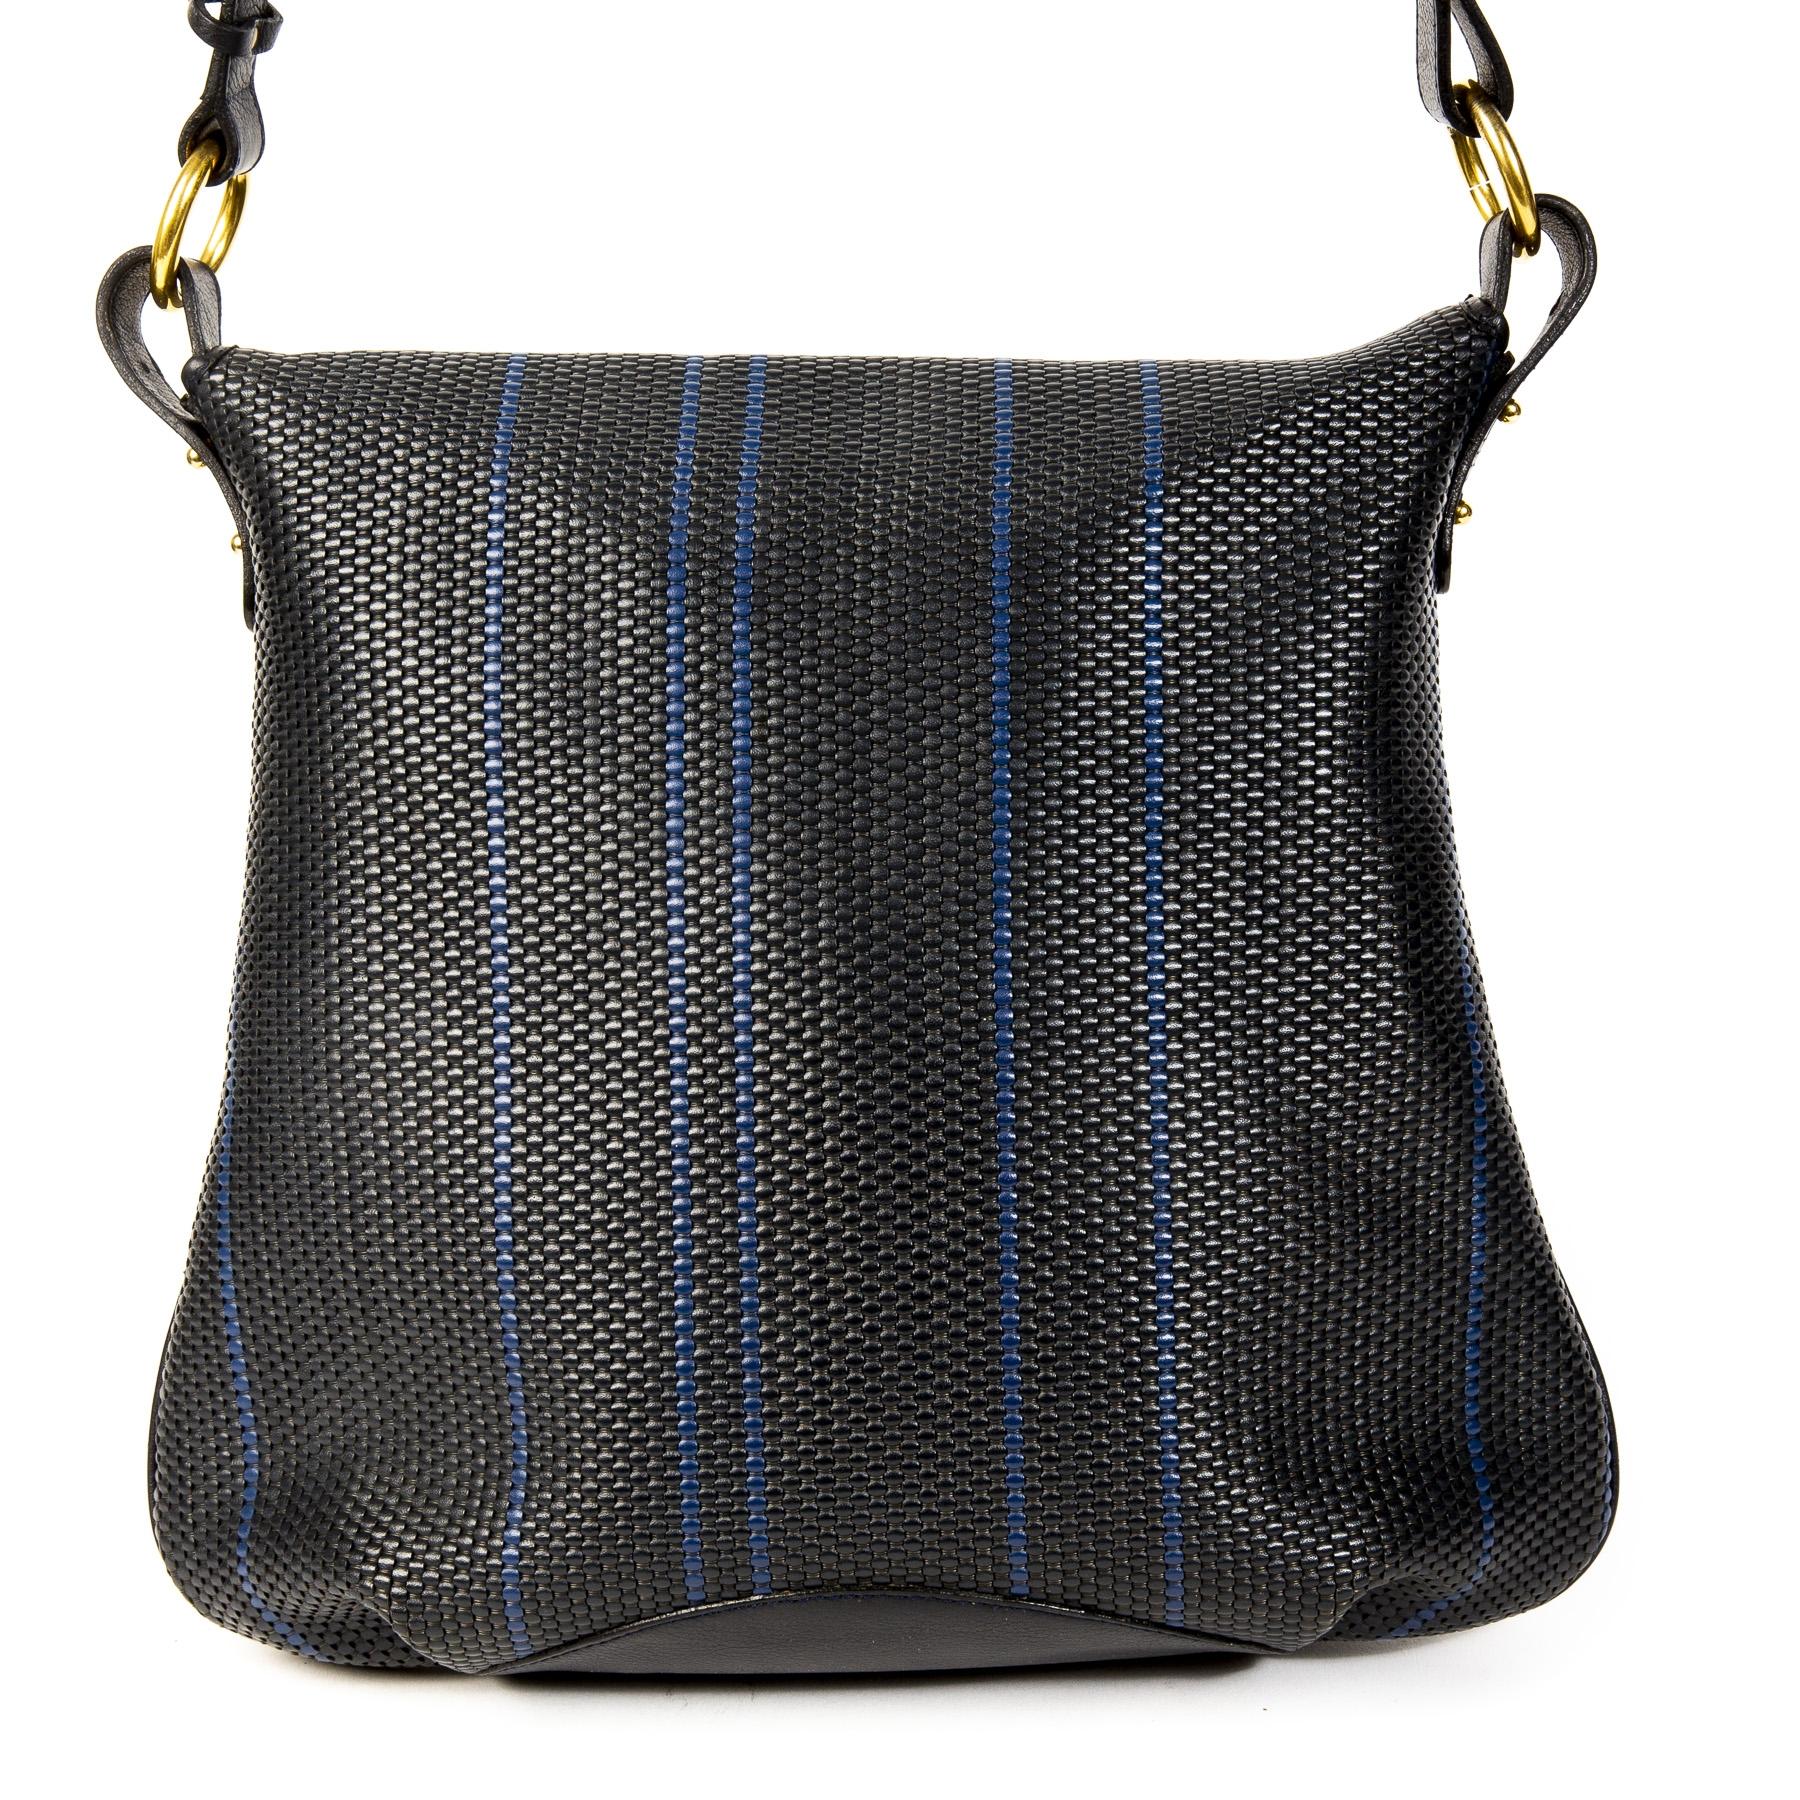 Authentieke Tweedehands Delvaux Dark Blue Toile de Cuir Striped Shoulder Bag juiste prijs veilig online shoppen luxe merken webshop winkelen Antwerpen België mode fashion